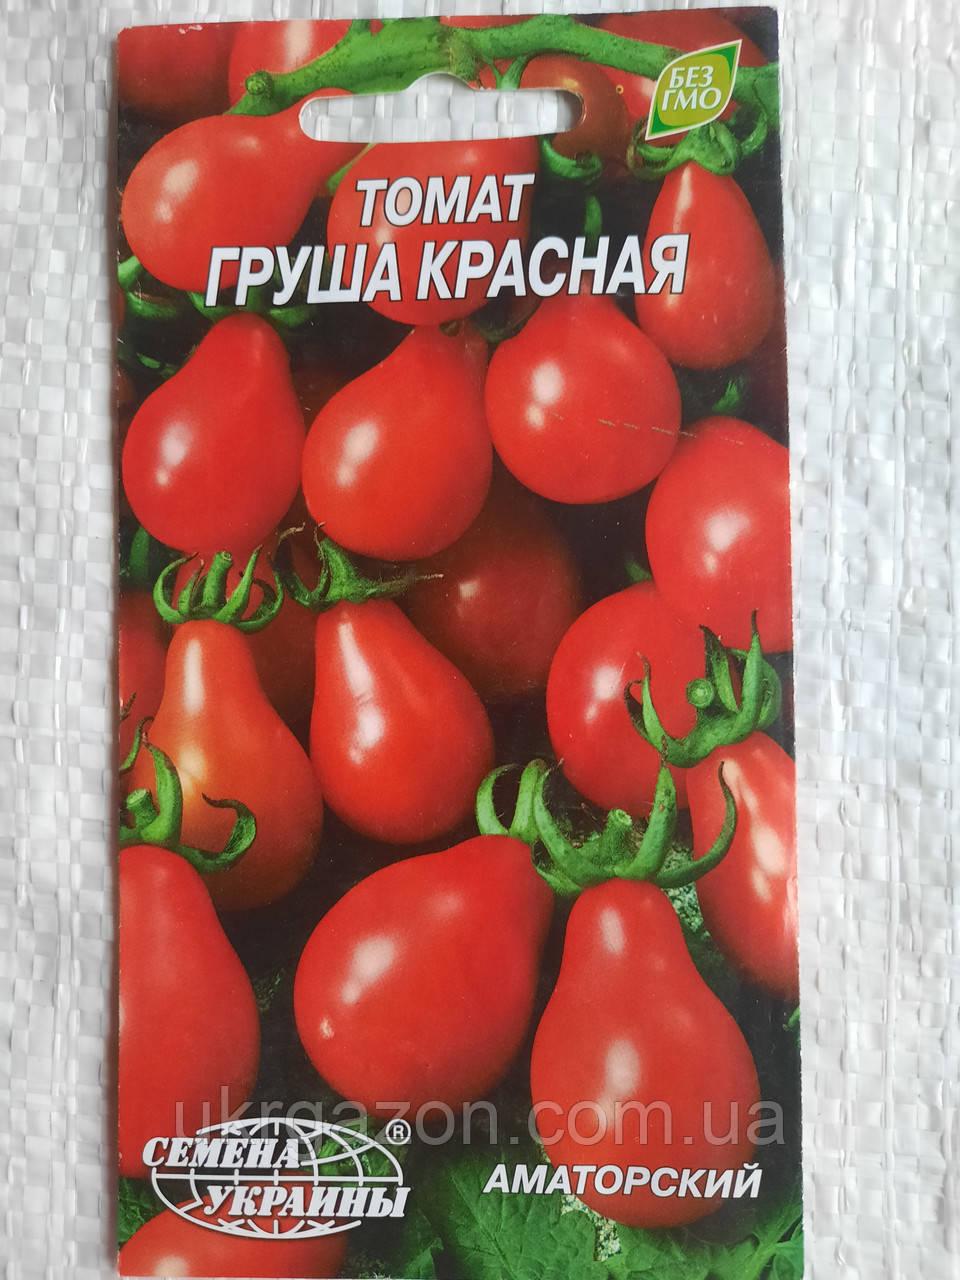 Томат ГРУША КРАСНАЯ 0,2г (Семена Украины)